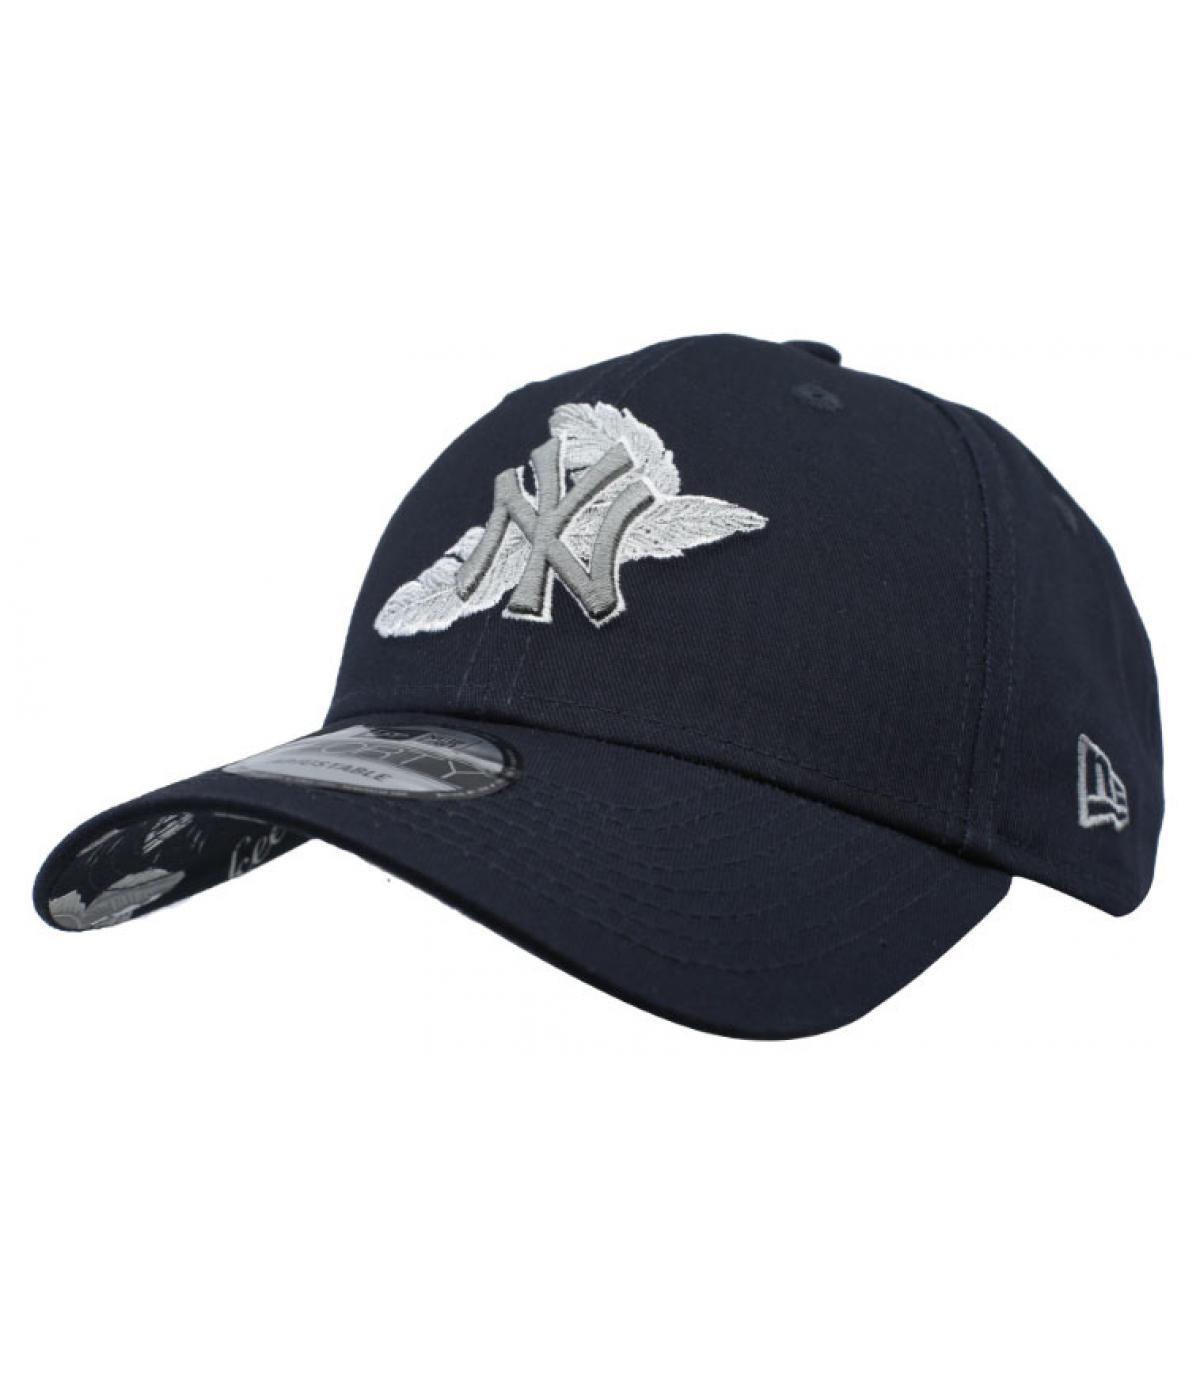 21140f6473e7e Gorra hombre - Compra venta de Gorras hombre. Primera sombrerería en línea.  Entrega en 48 72horas.